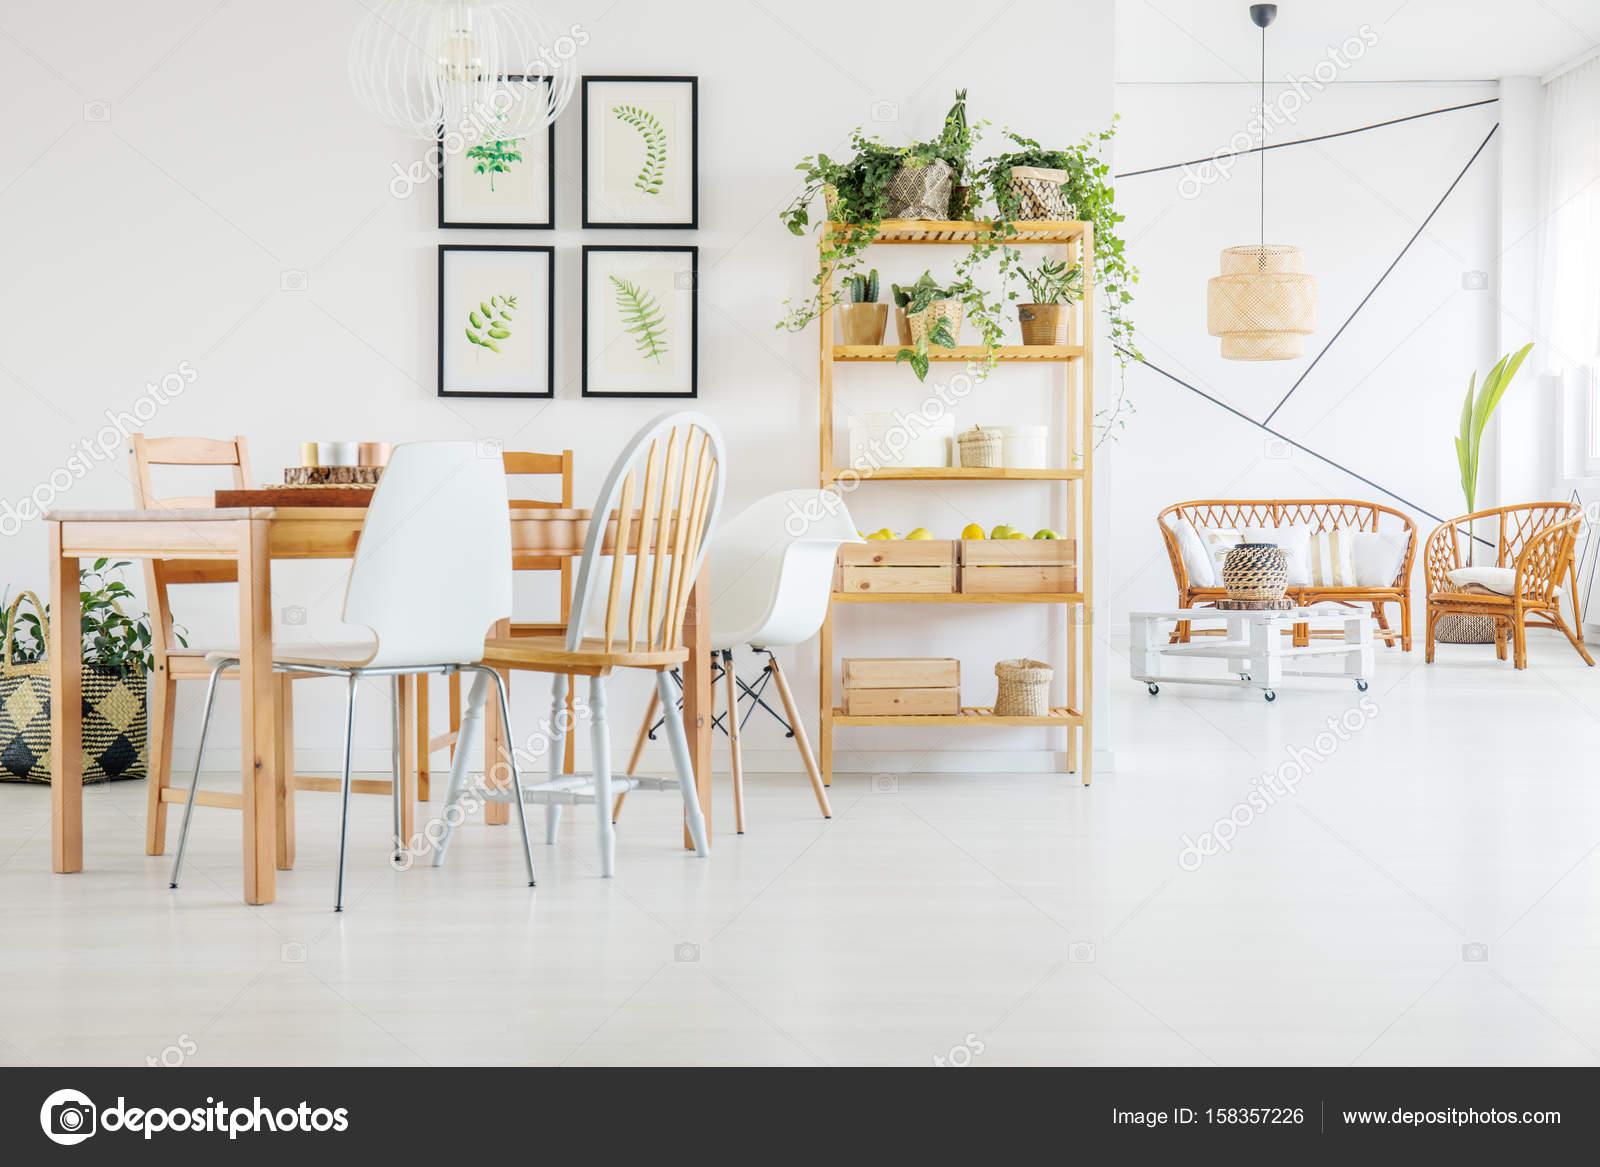 https://st3.depositphotos.com/2249091/15835/i/1600/depositphotos_158357226-stockafbeelding-tafel-en-stoelen-in-de.jpg